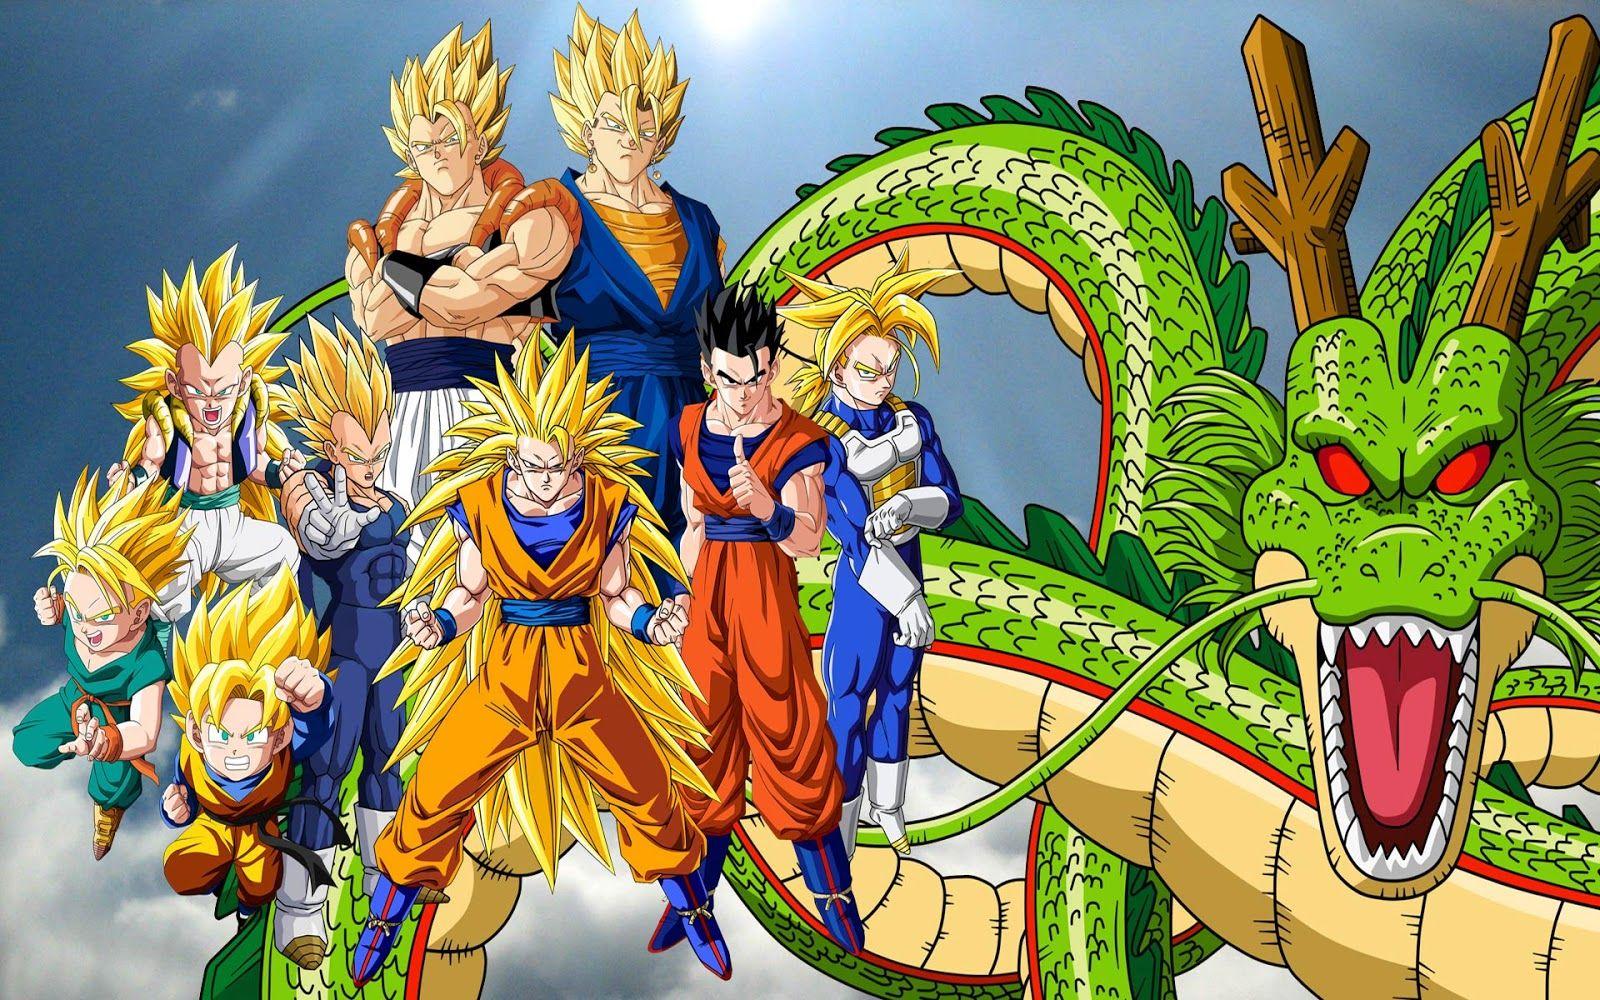 Todos Os Episodios De Dragon Ball Z Online Com Imagens Papel